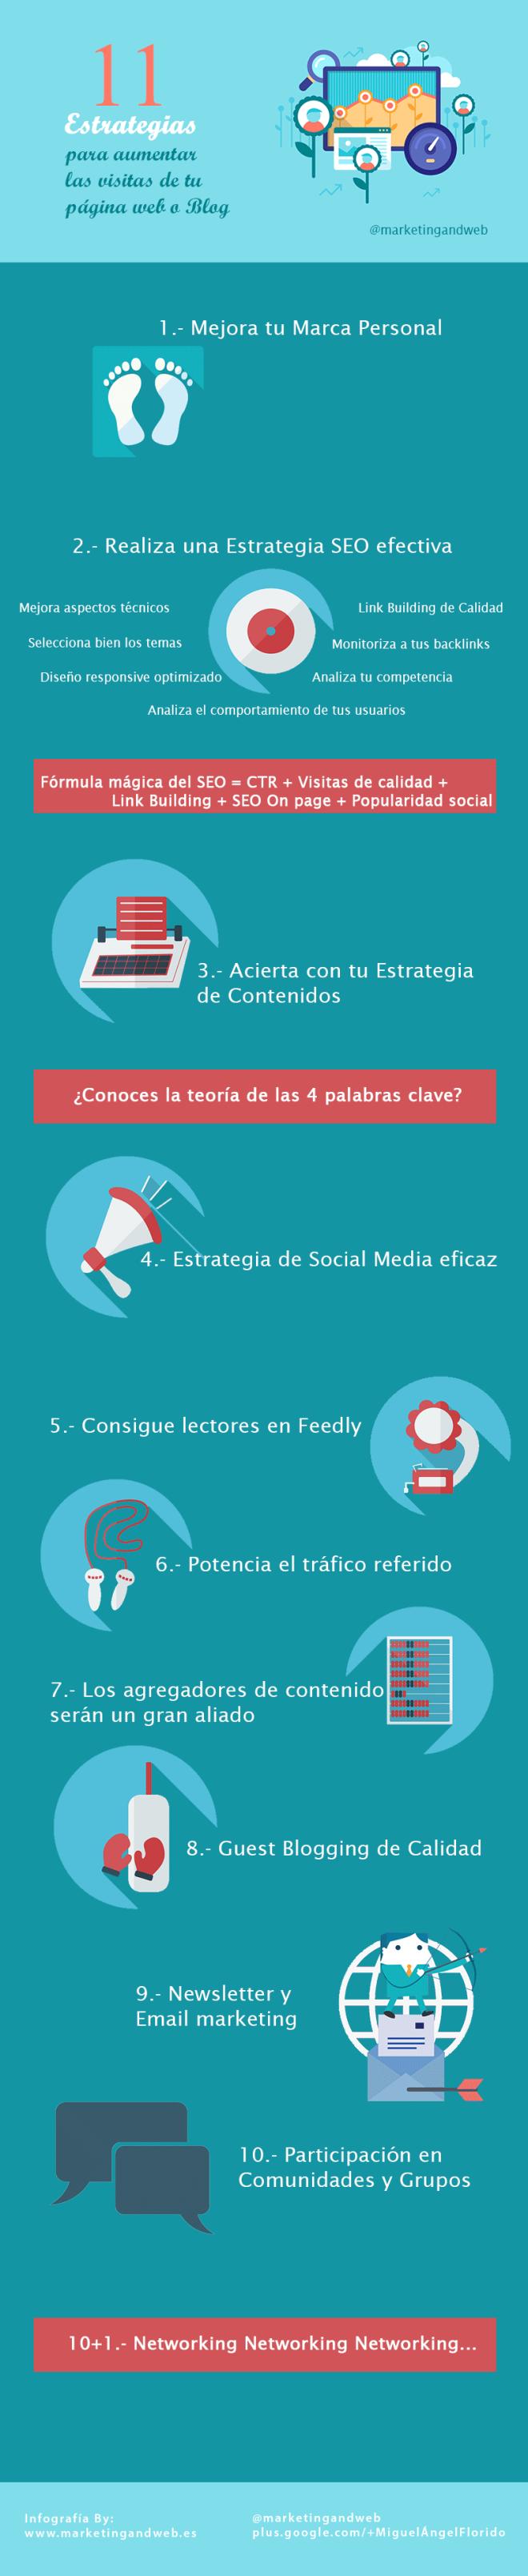 11 estrategias para aumentar las visitas a tu Blog/web